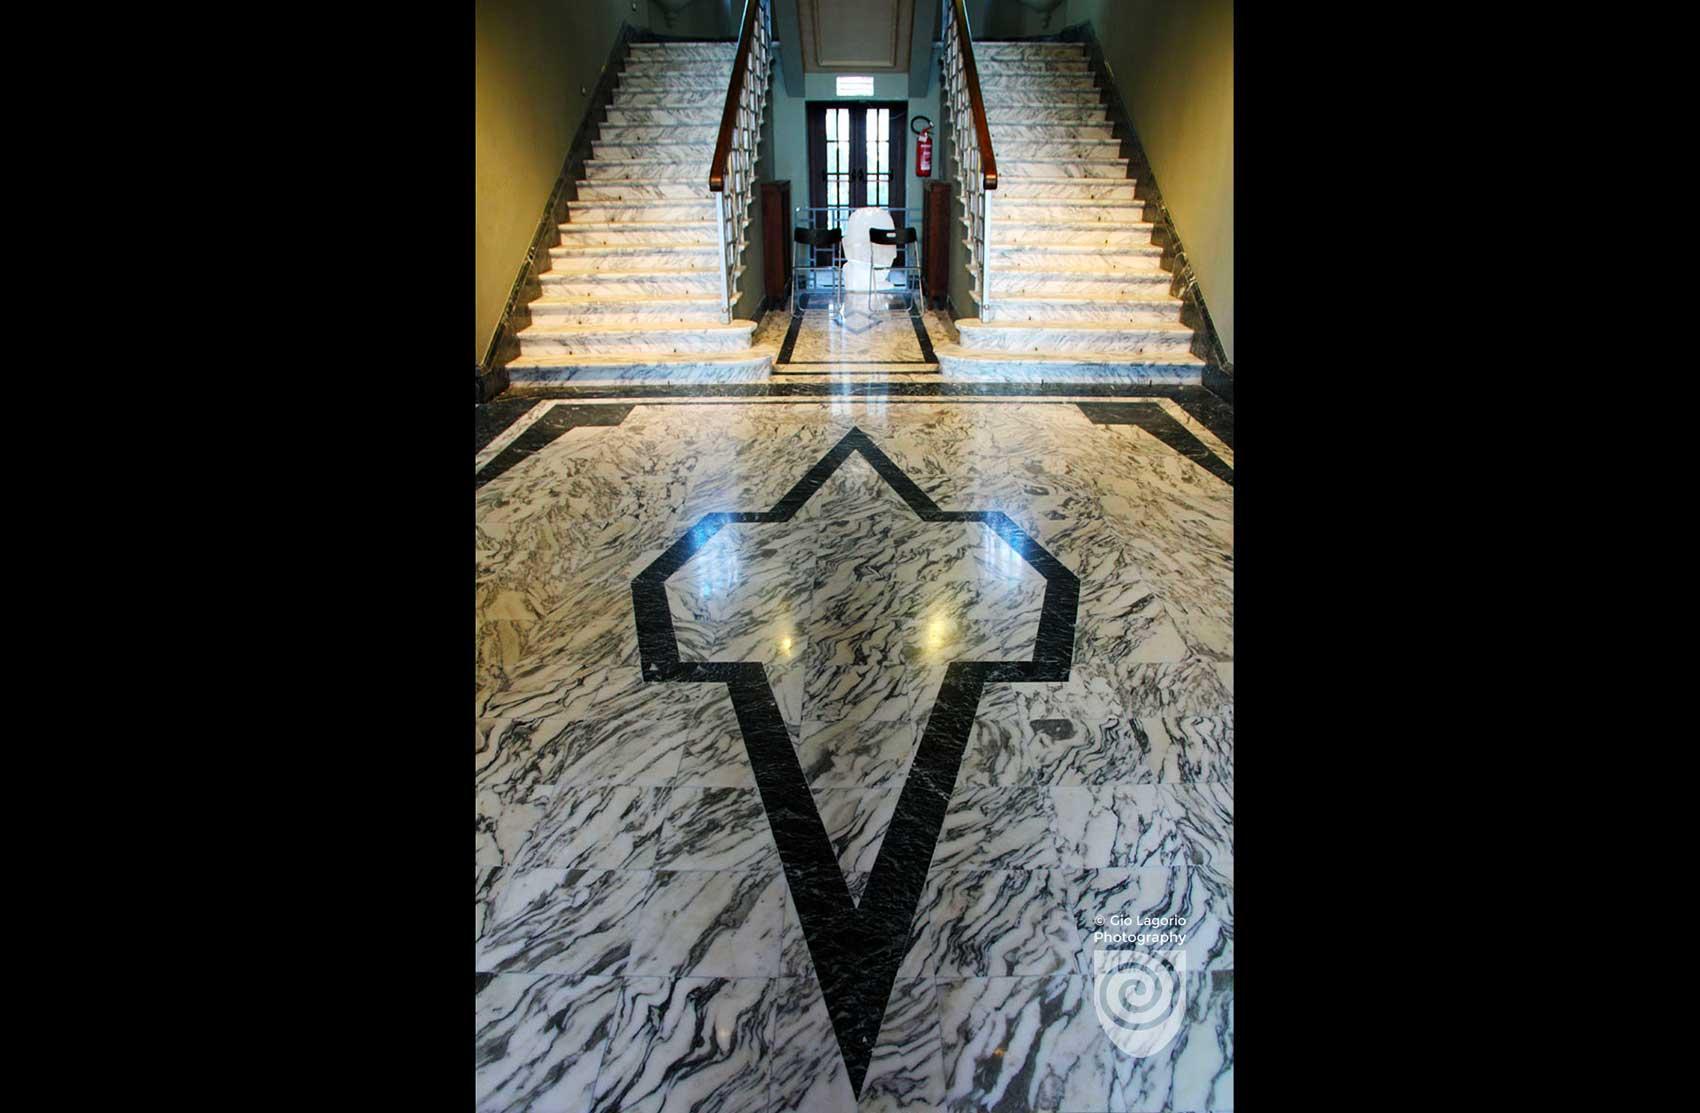 Atrio di accesso alle scale che conducono ai piani superiori della villa